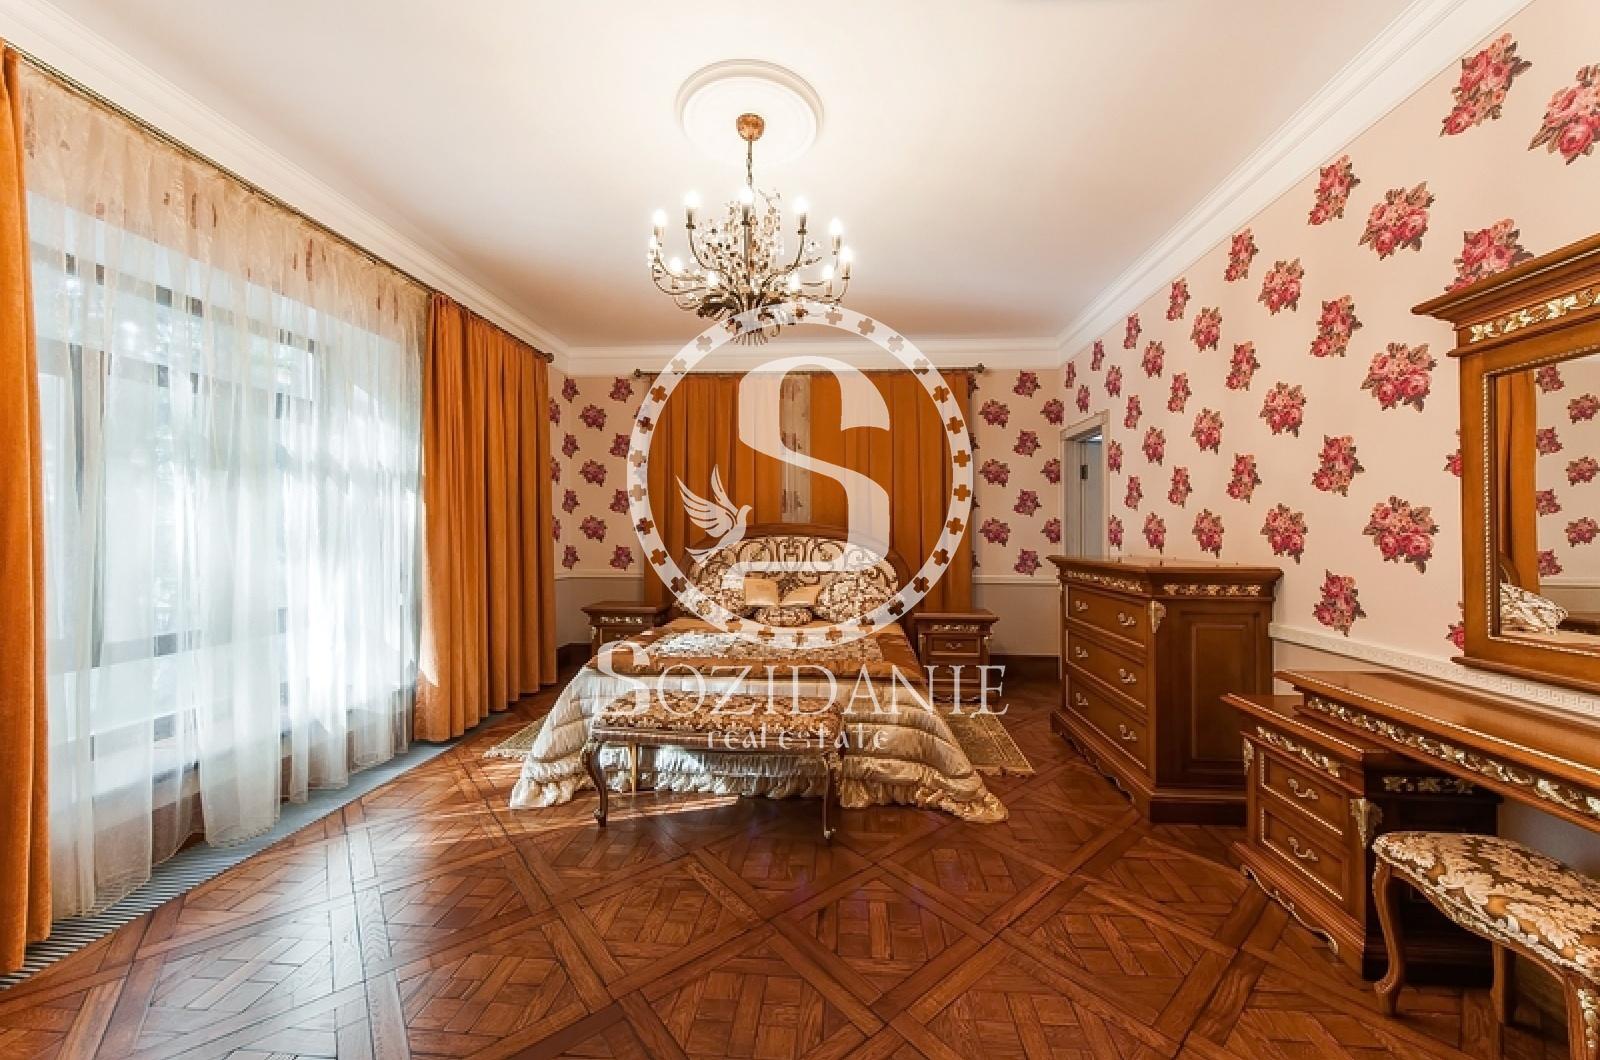 4 Bedrooms, Загородная, Продажа, Listing ID 1400, Московская область, Россия,